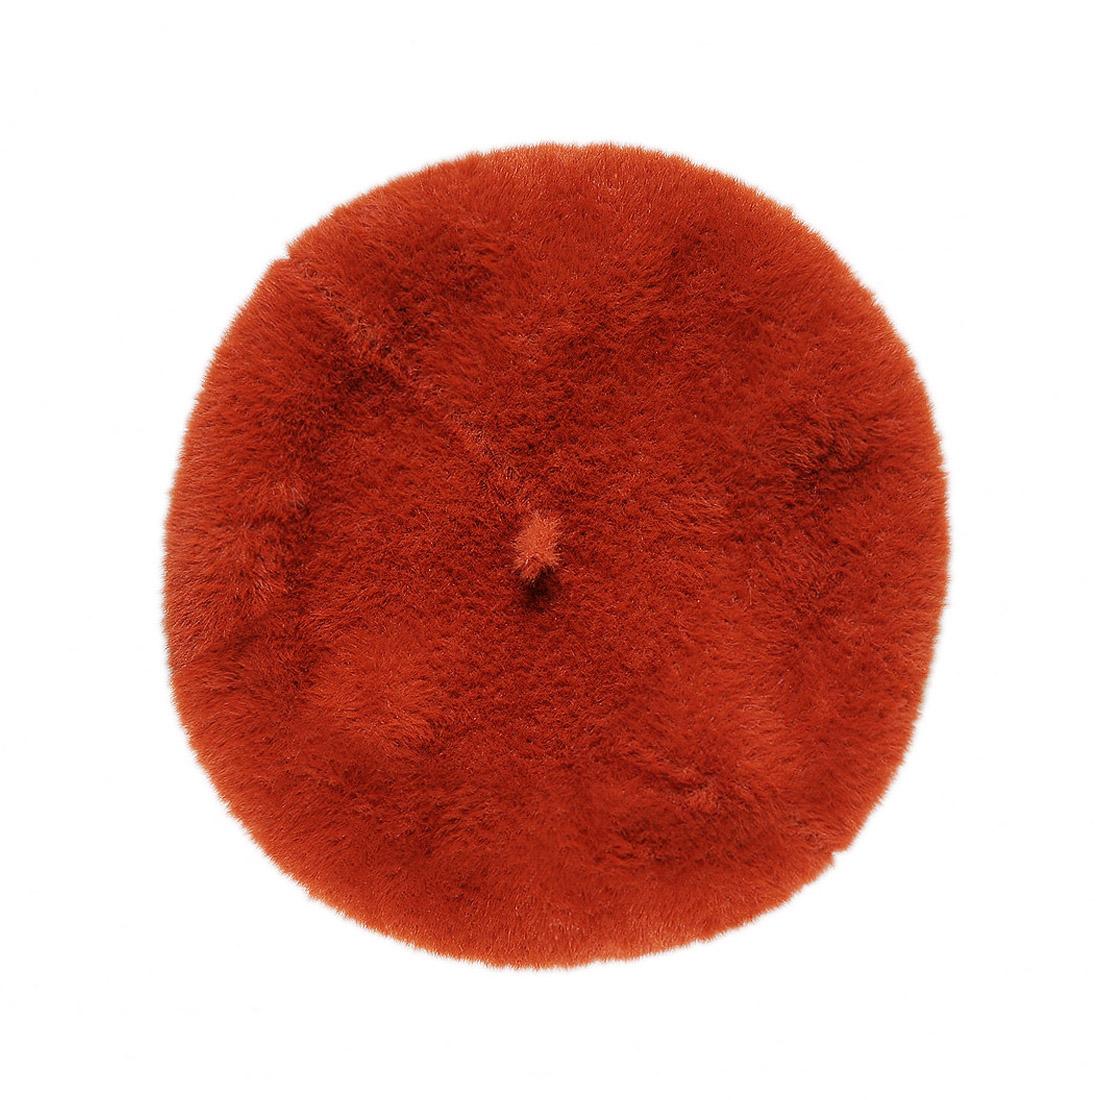 Mũ nồi len lông thời trang cao cấp màu cam EH40-3